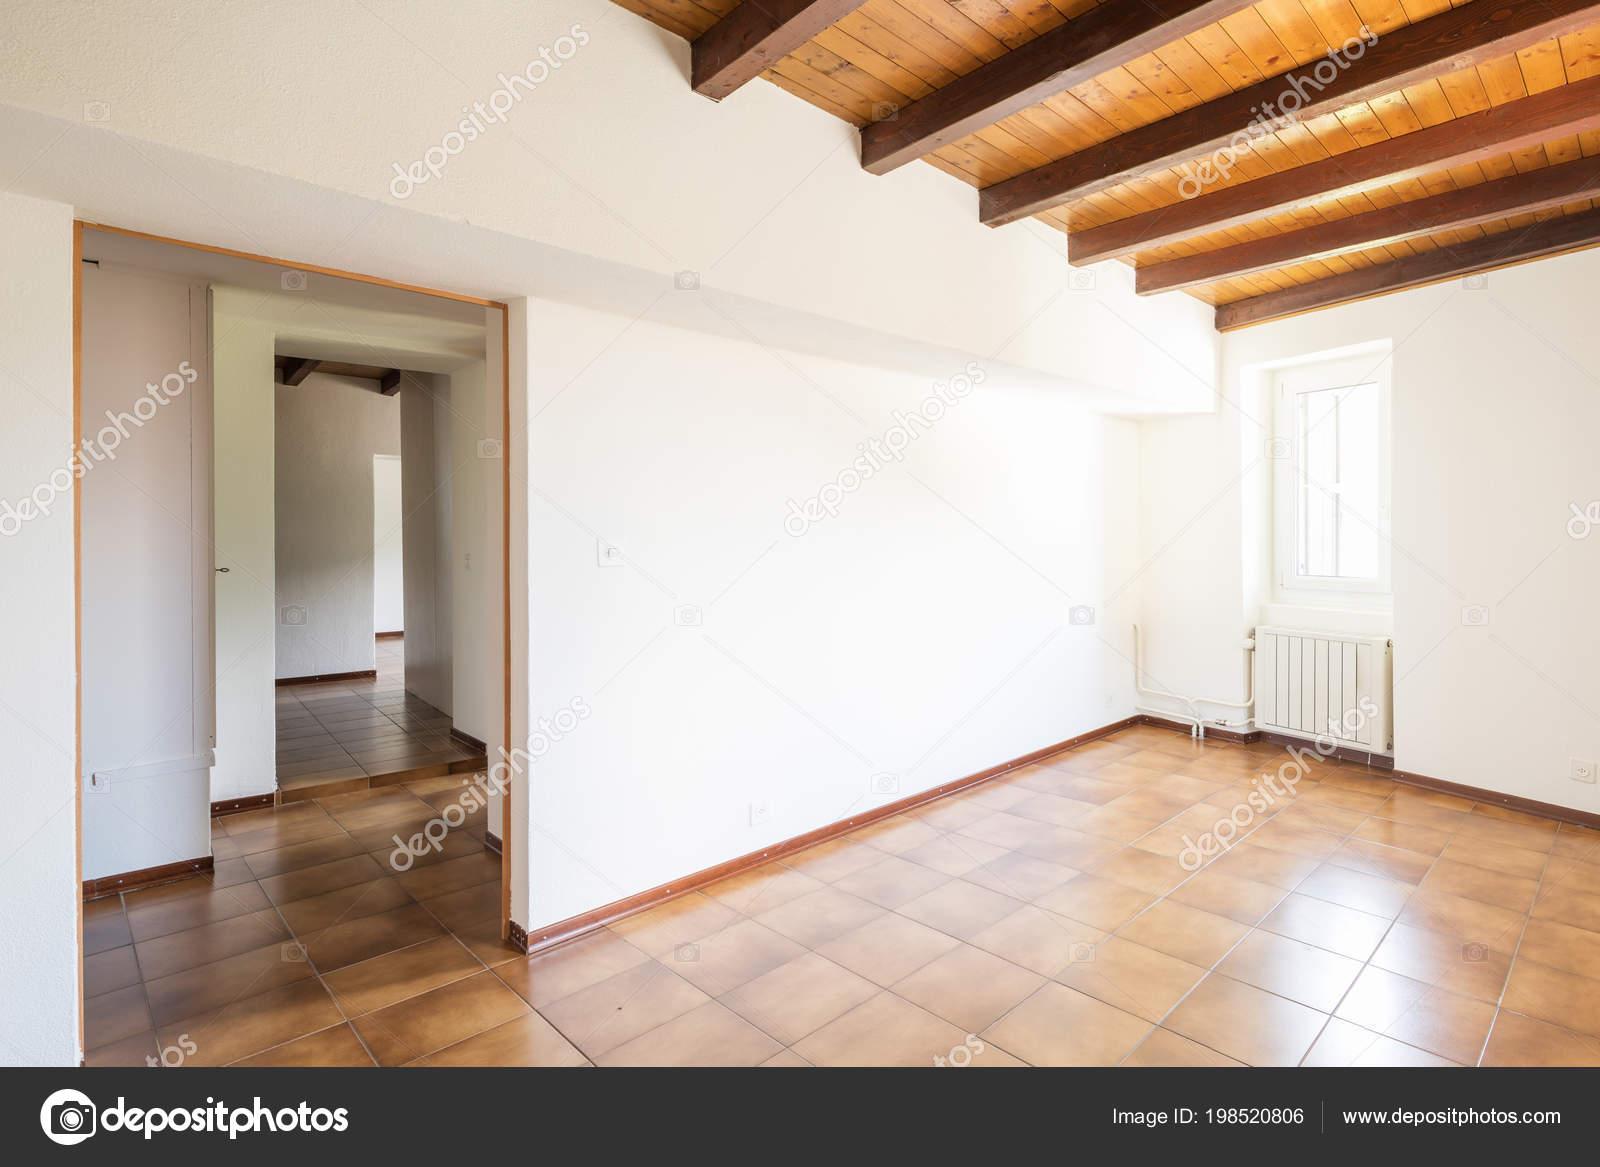 Soffitti In Legno Bianco : Soffitto in legno lamellare cheap le travi del soffitto in legno